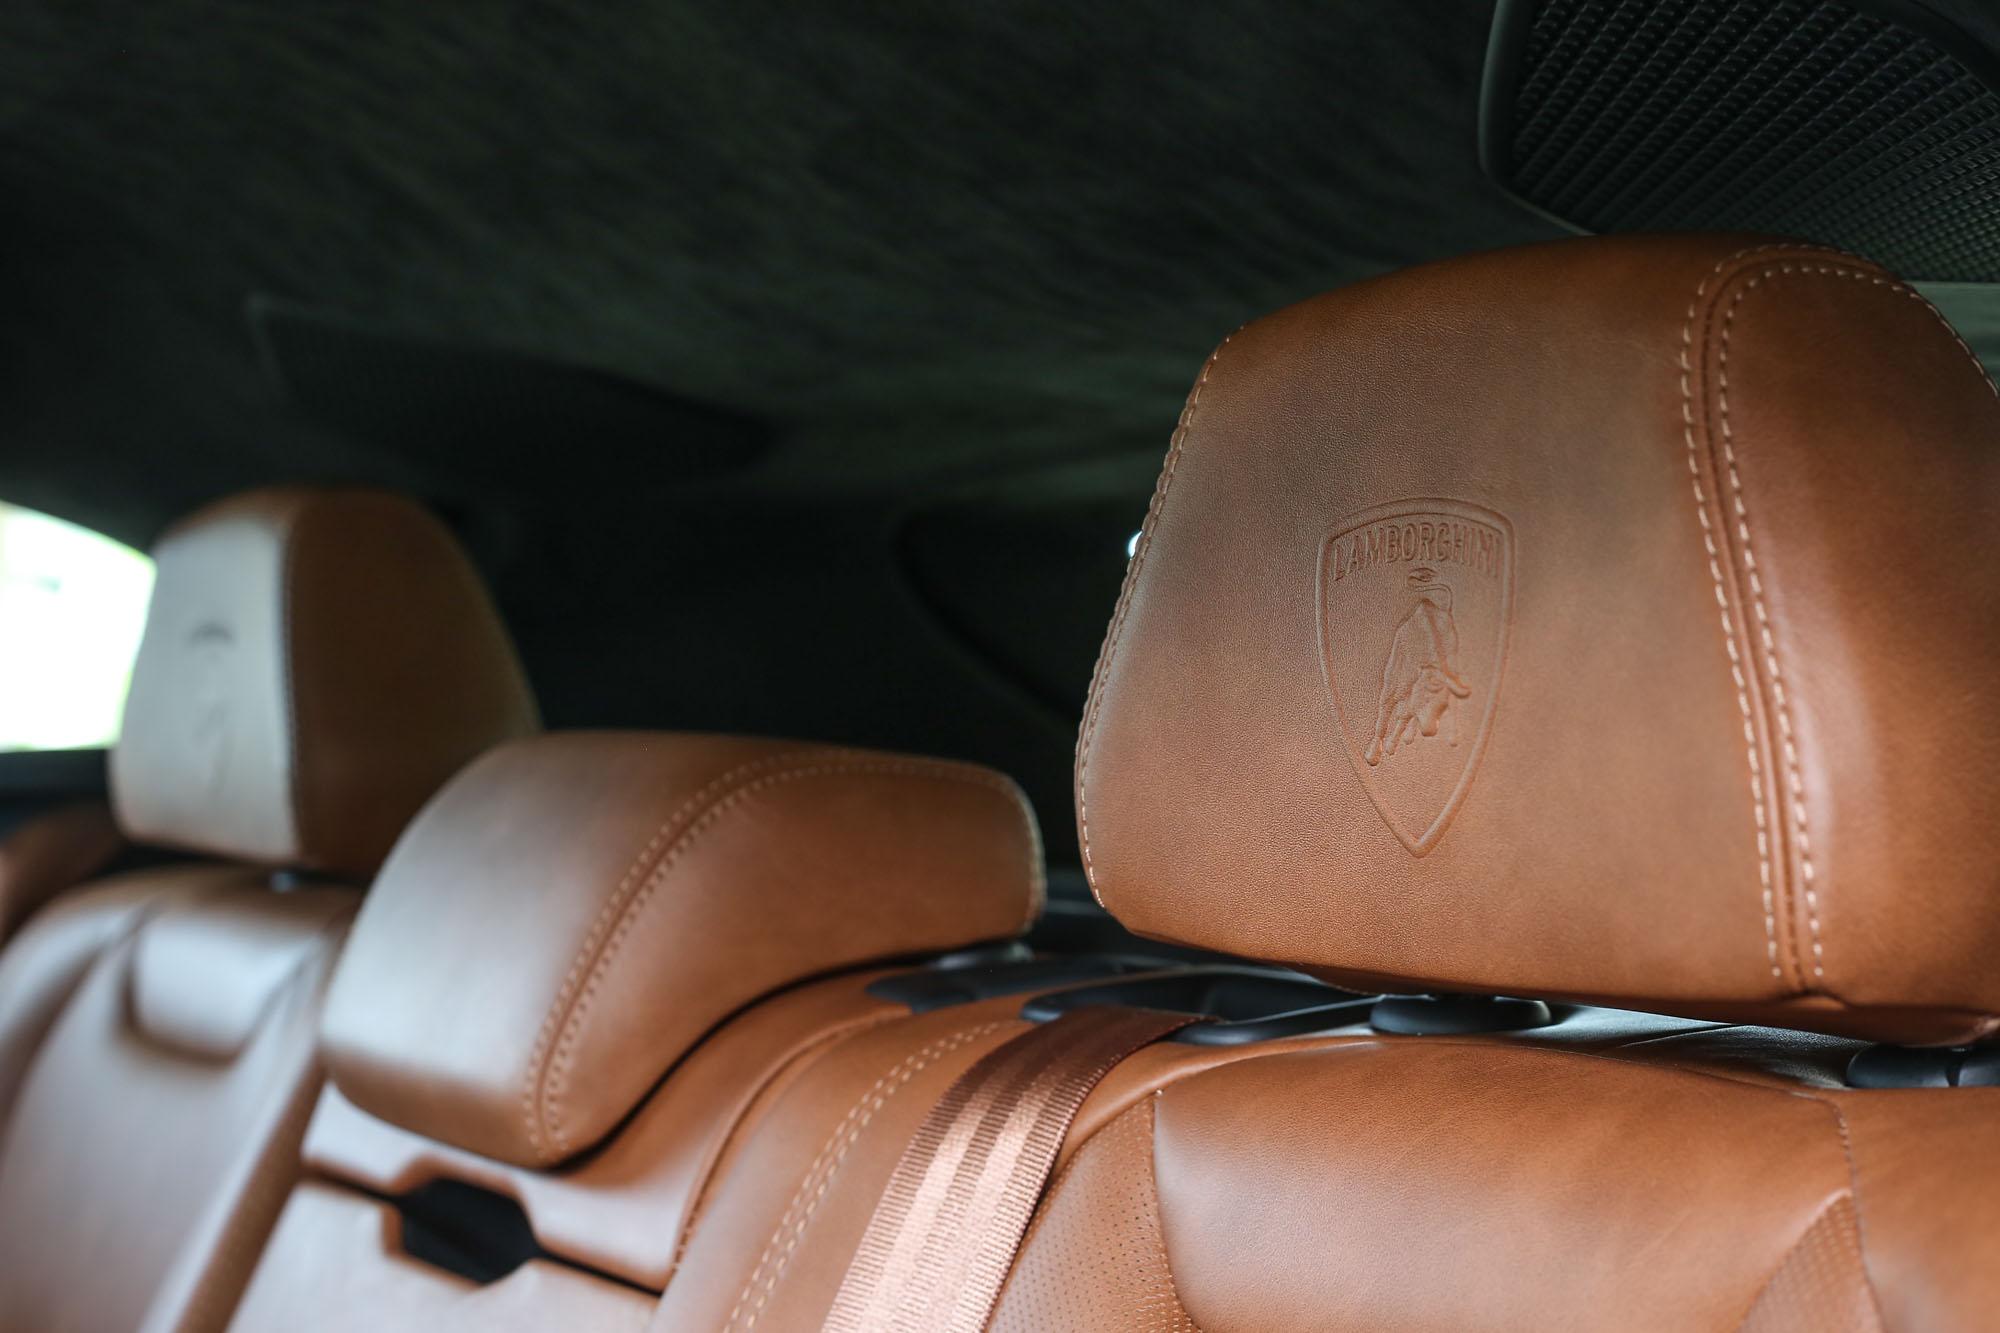 宛如頂級皮件精品的座椅皮革,視覺與觸覺都是享受。